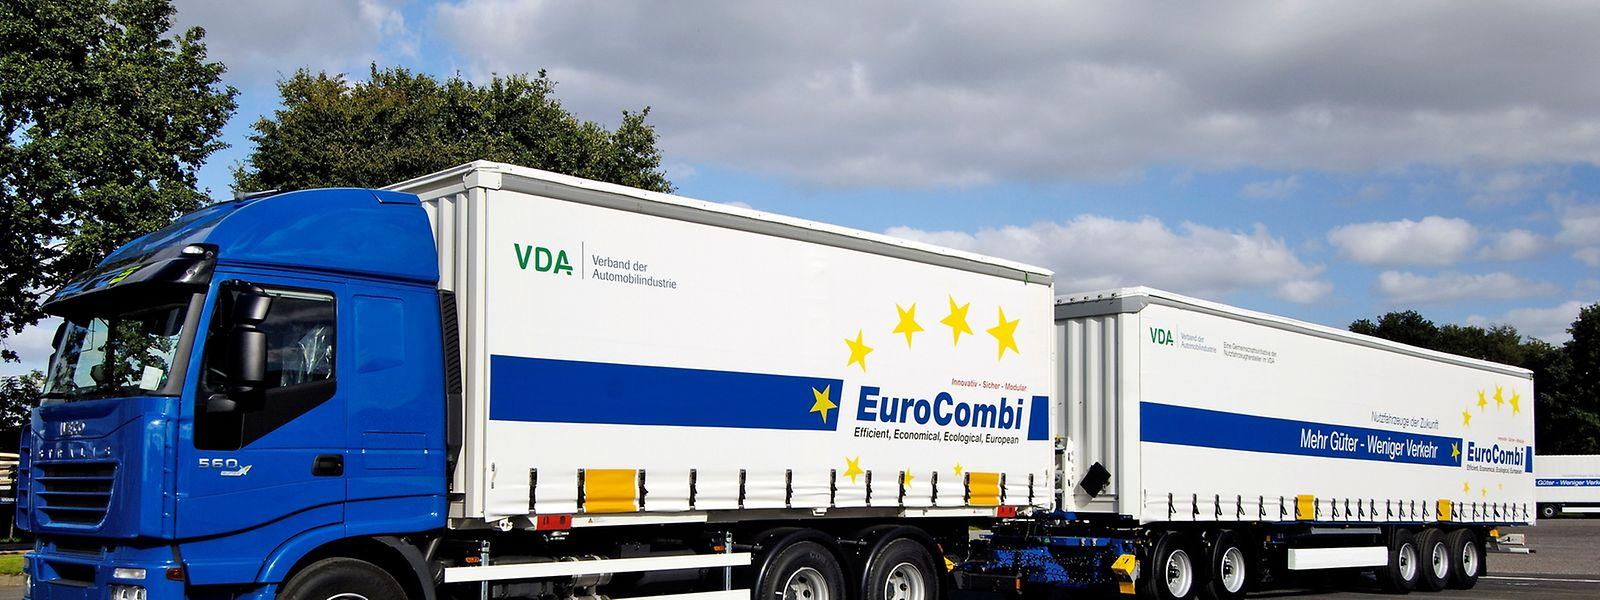 Gigaliner dürfen eine Gesamtlänge von 25,25 Metern haben. Zwei extralange Lastzüge können drei herkömmliche Lkw ersetzen.